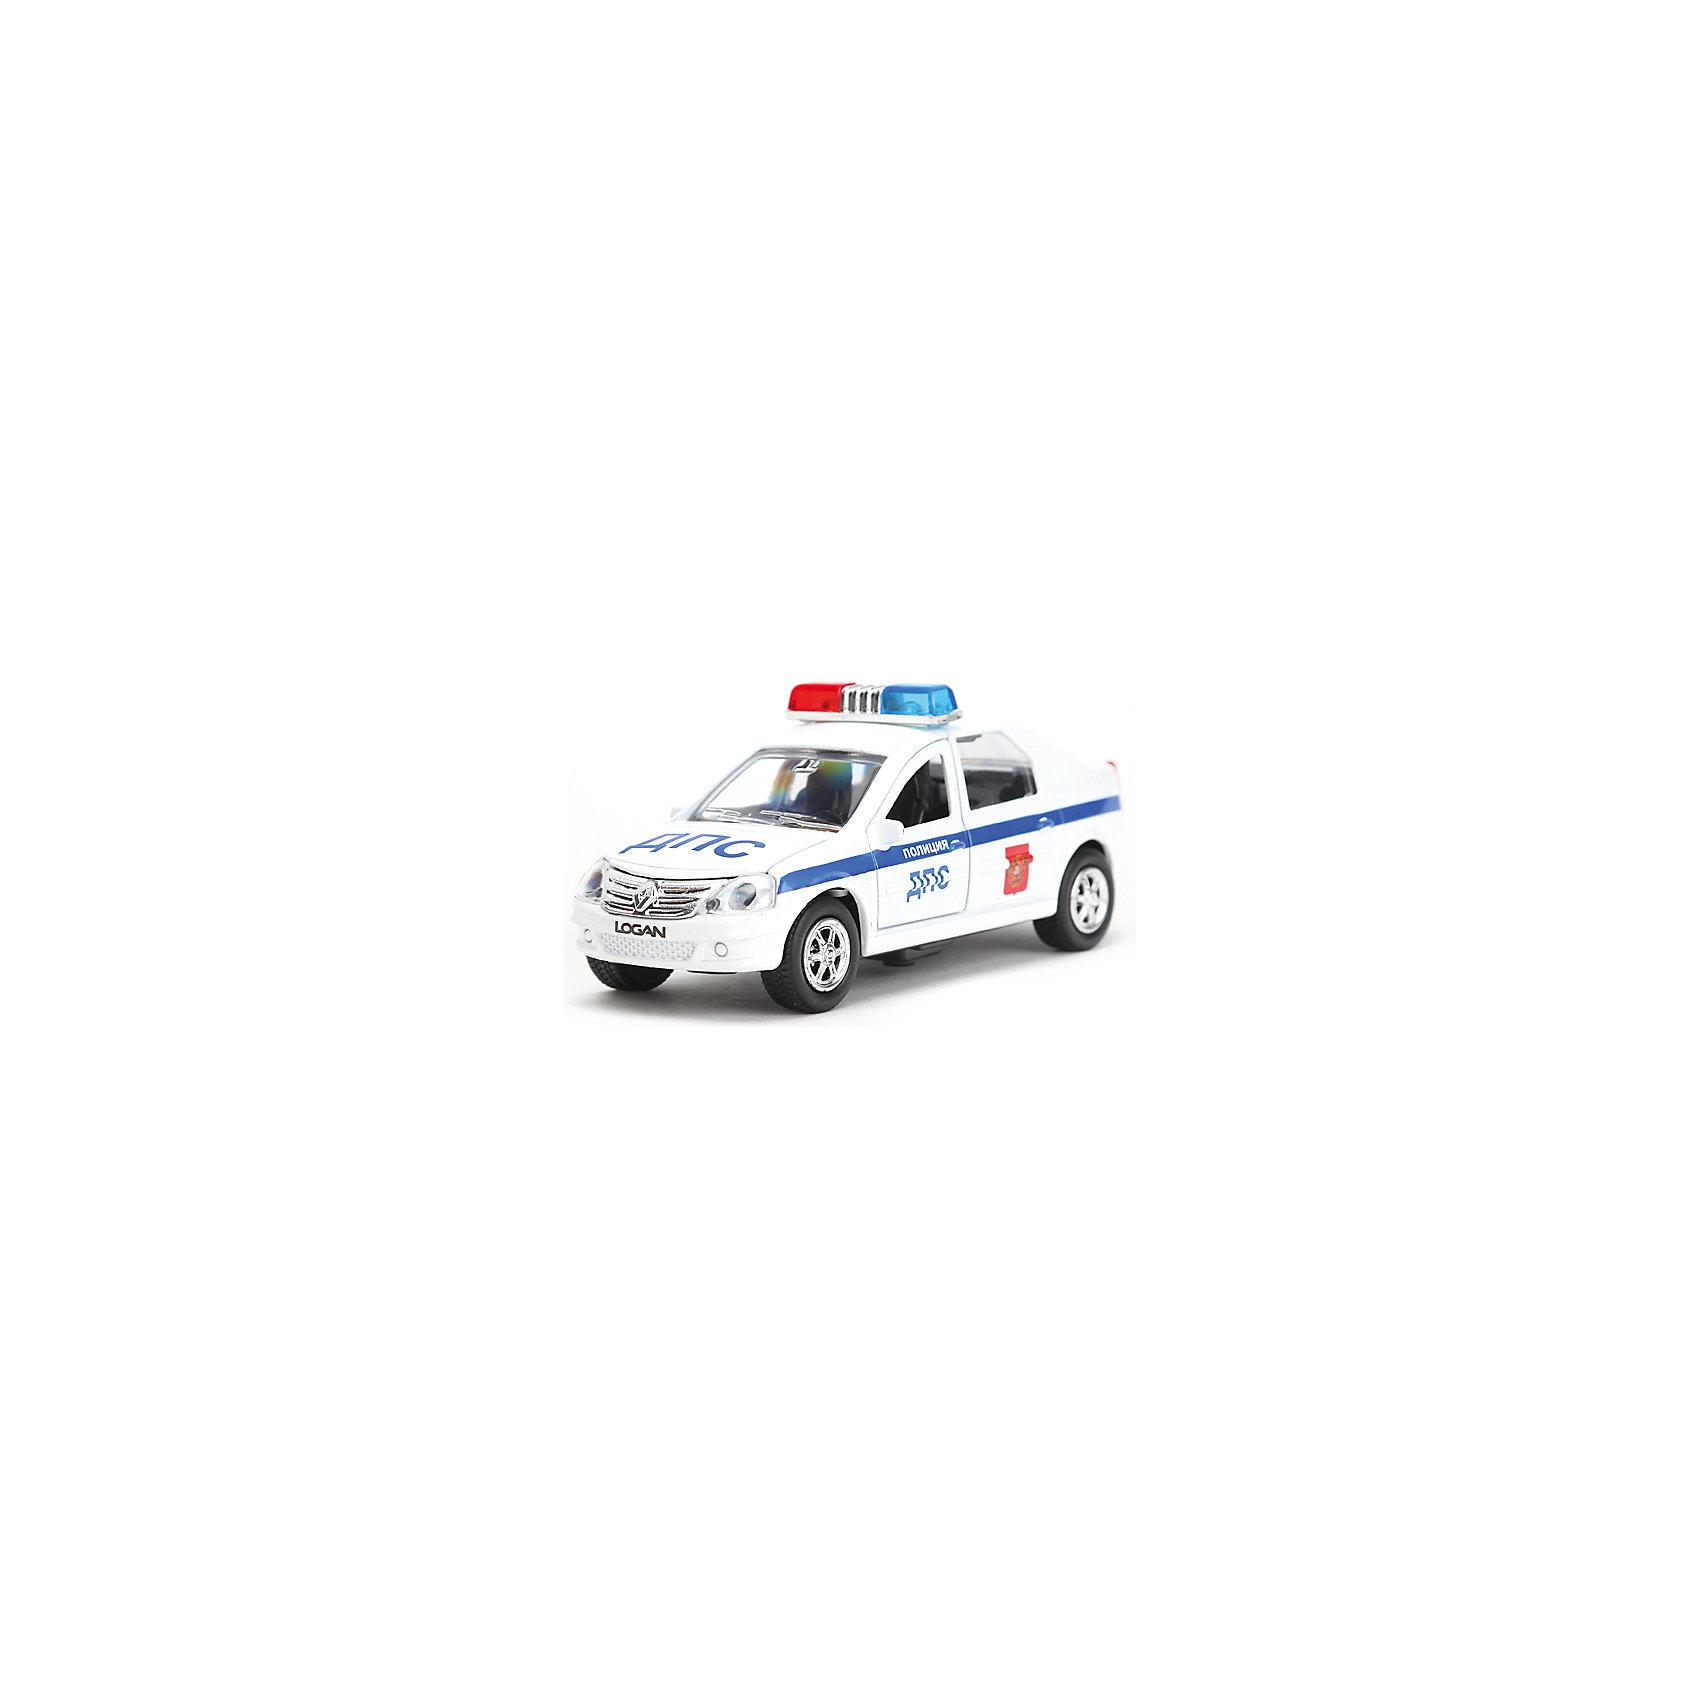 ТЕХНОПАРК Машина RENAULT LOGAN ДПС, 1:43, со светом и звуком, ТЕХНОПАРК